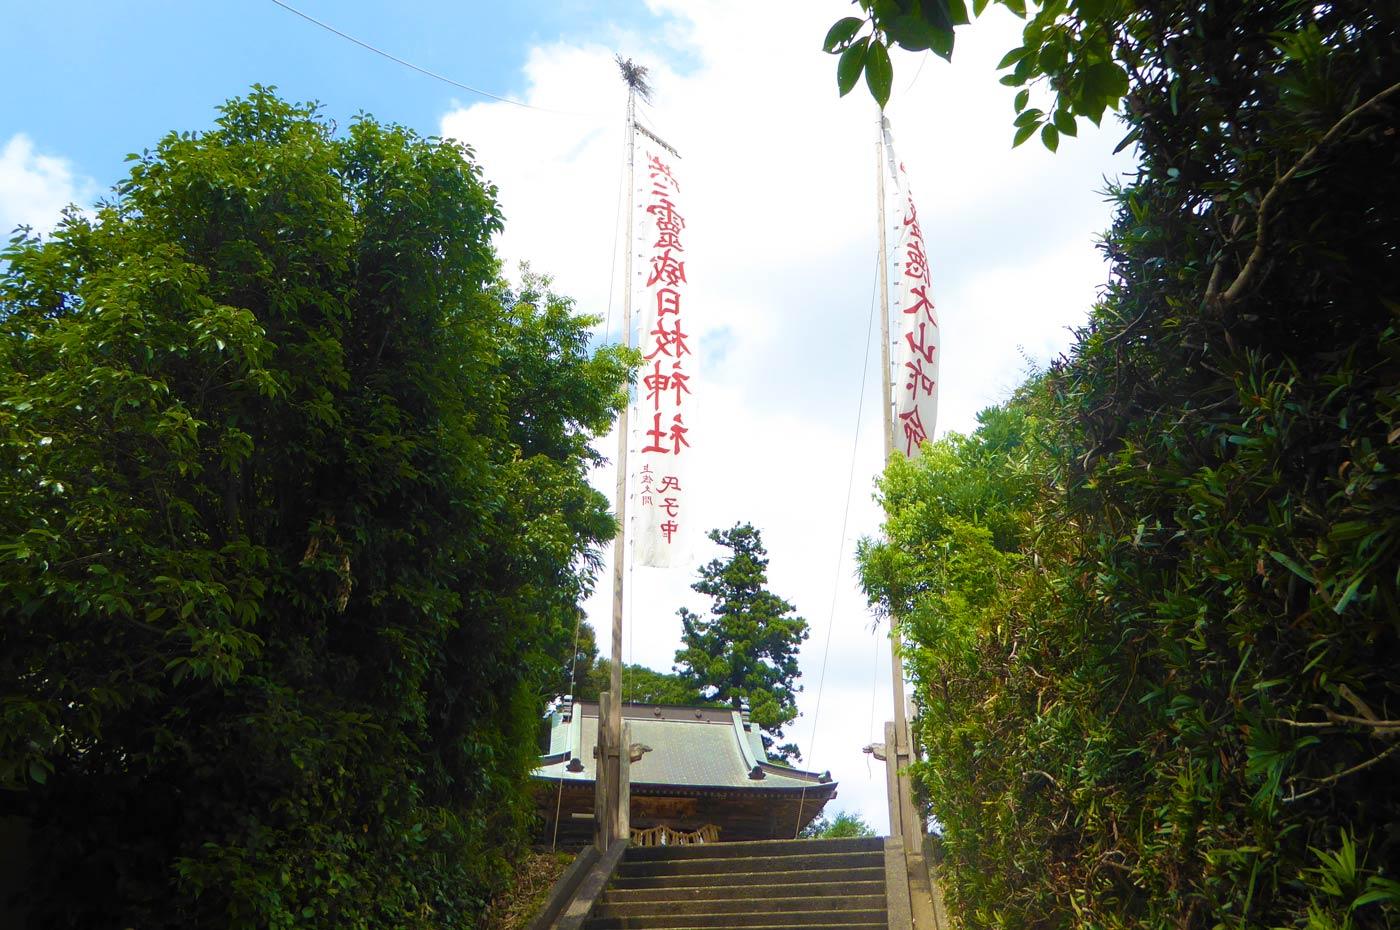 上佐久間・日枝神社